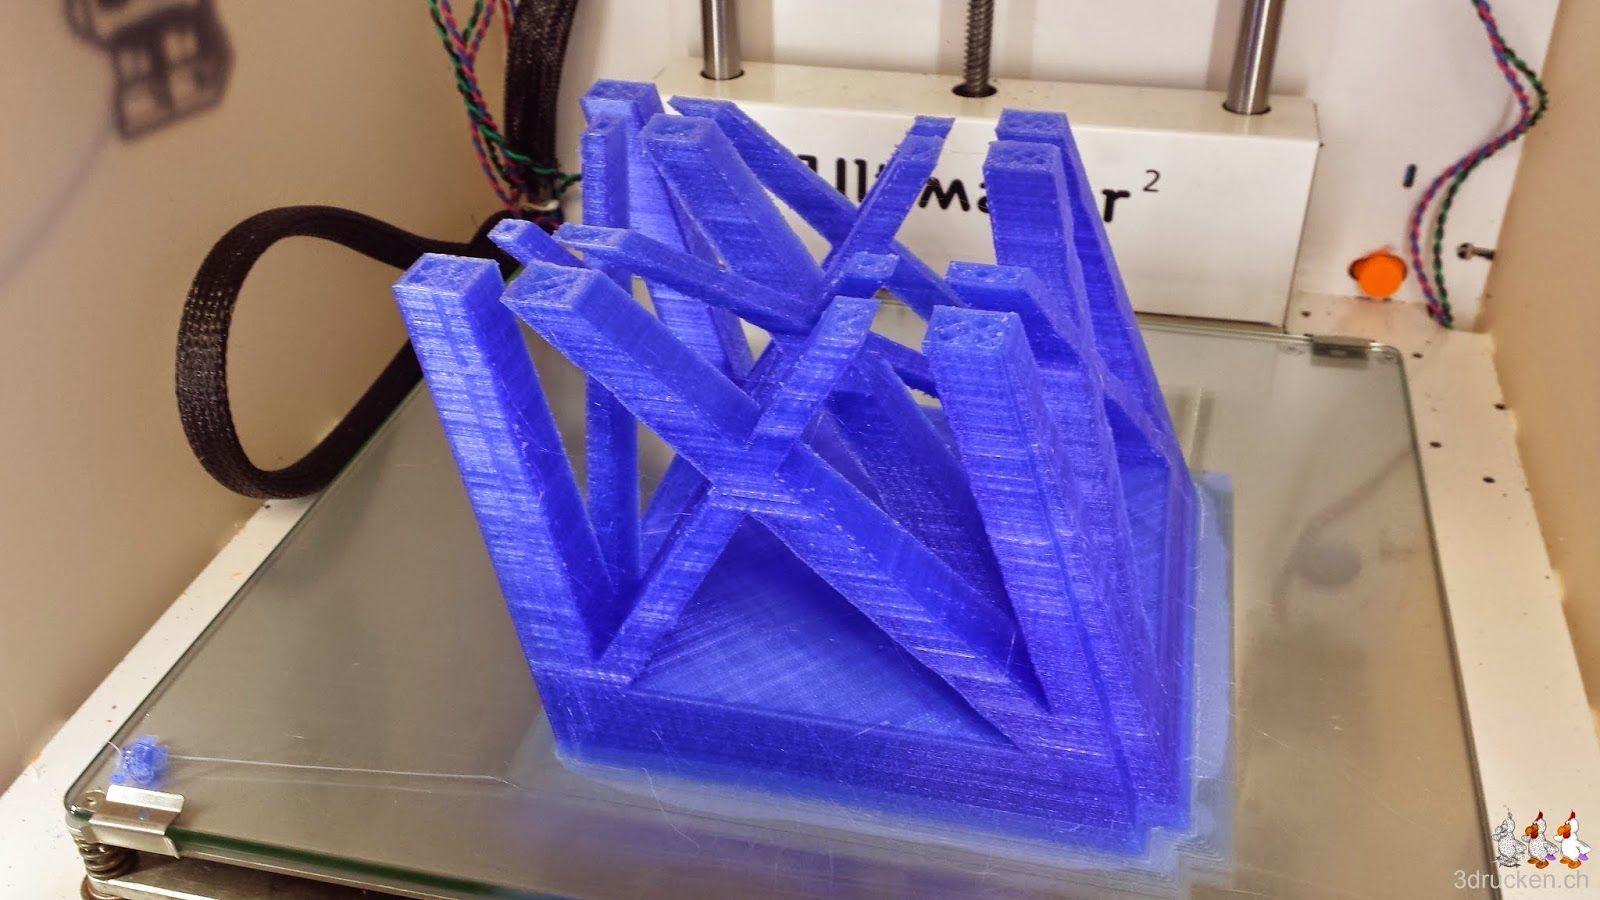 Foto des abgebrochenen Drucks eines Teils des Eiffelturms auf dem Drucktisch des Ultimaker 2